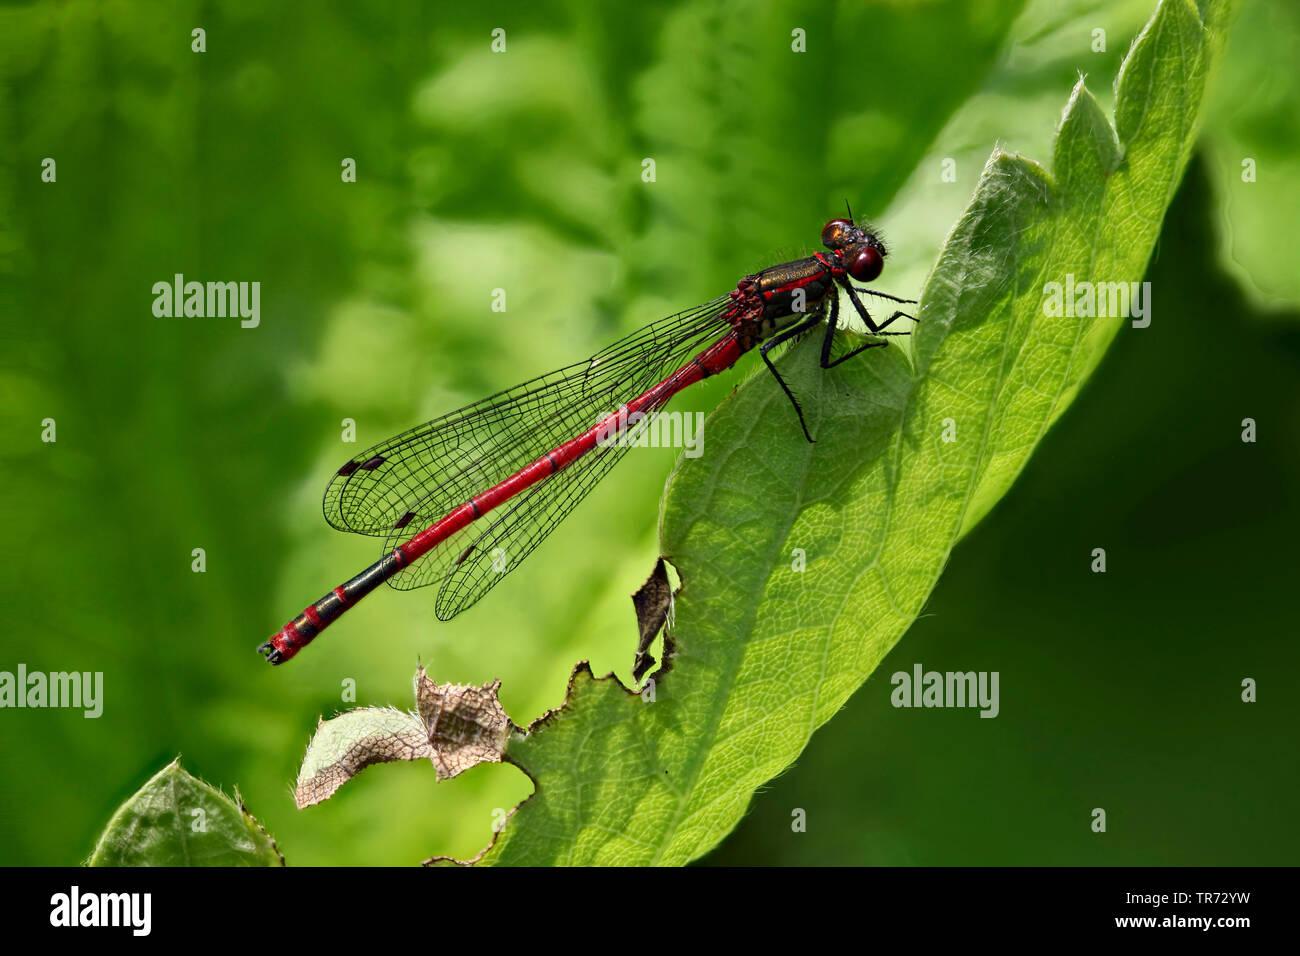 Fruehe Adonislibelle (Pyrrhosoma nymphula), sitzt auf einem Blatt, Deutschland | large red damselfly (Pyrrhosoma nymphula), sitting on a leaf, Germany - Stock Image